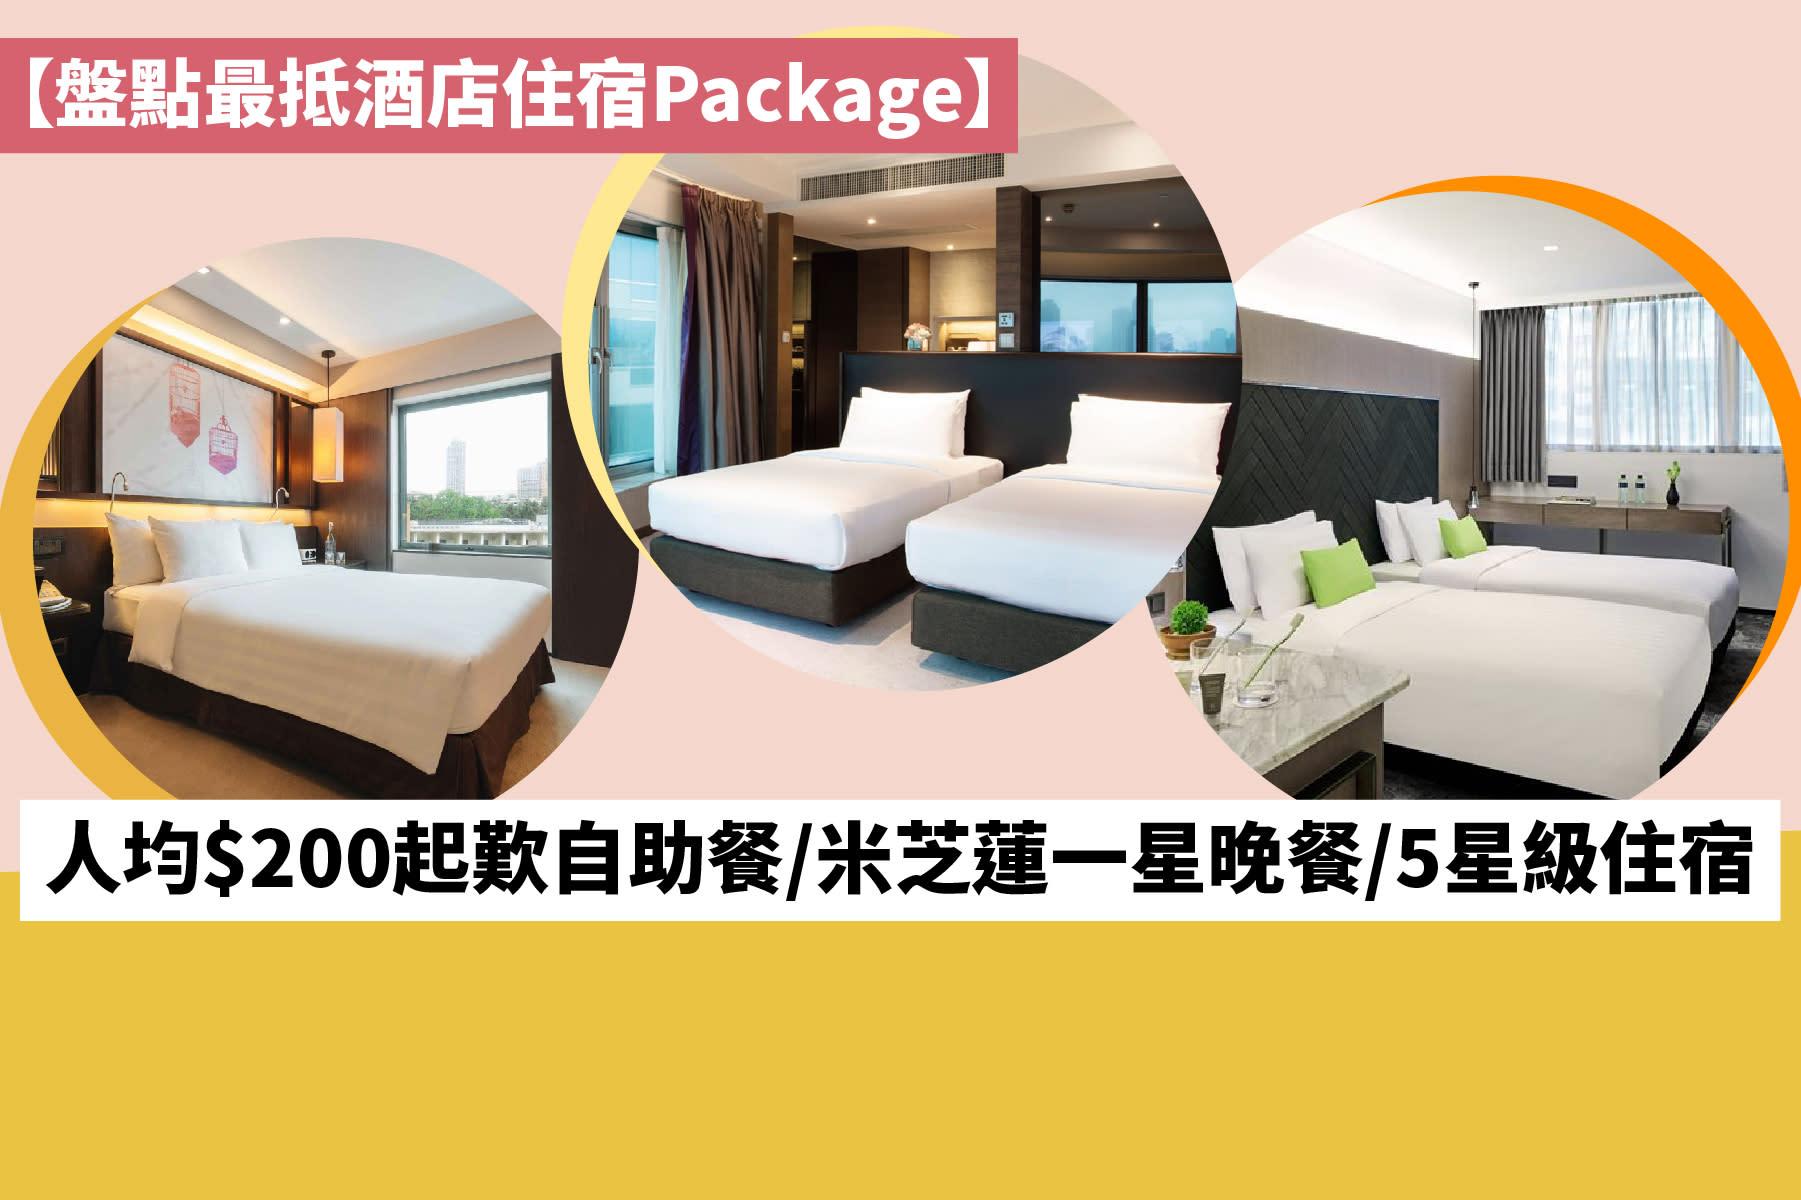 有排都未可以外遊,你會到酒店「宅渡假」俾自己放鬆一下嗎?